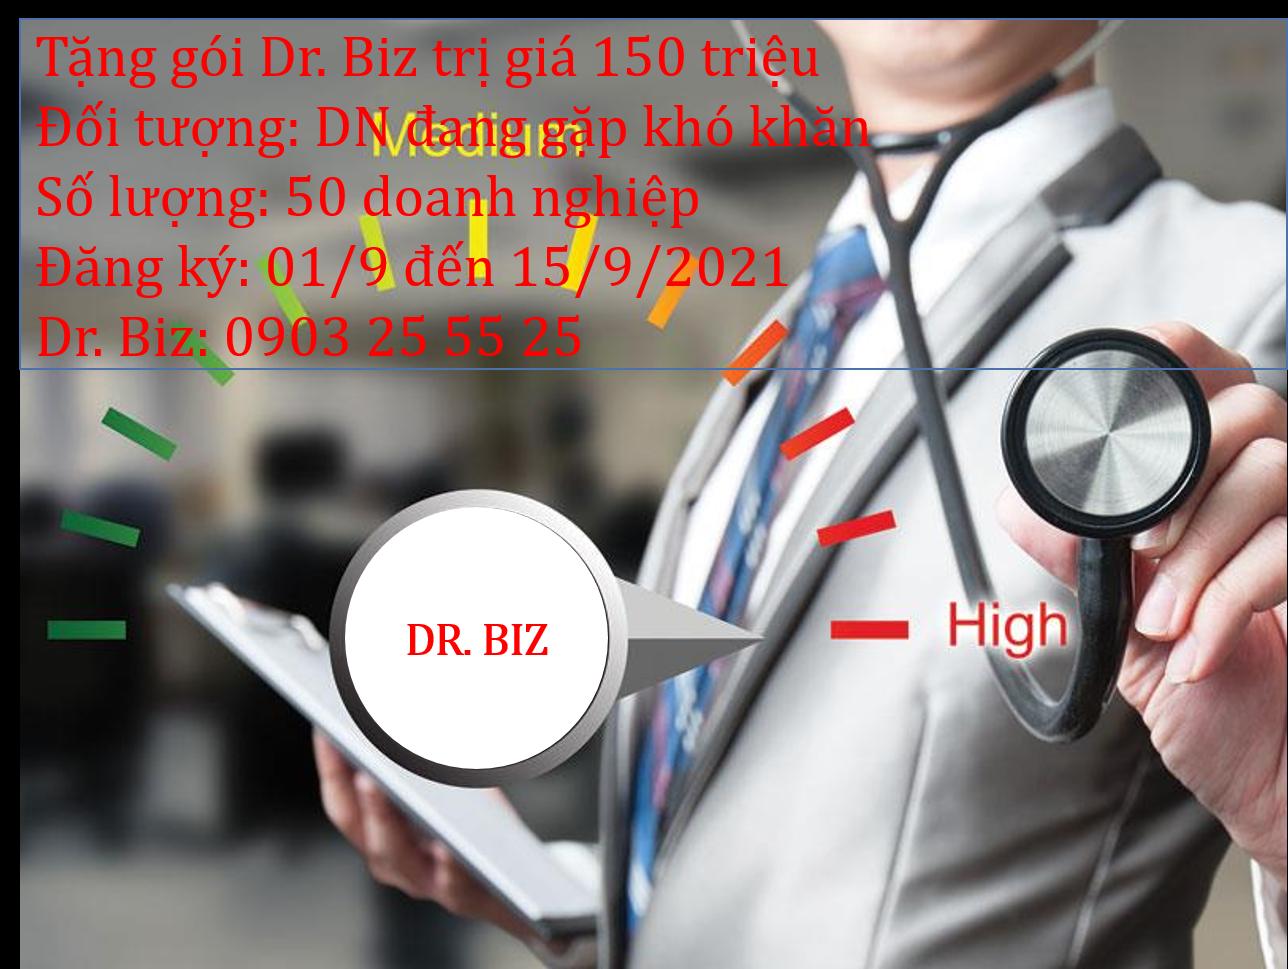 Dr Biz - Bác sỹ chẩn đoán sức khoẻ doanh nghiệp